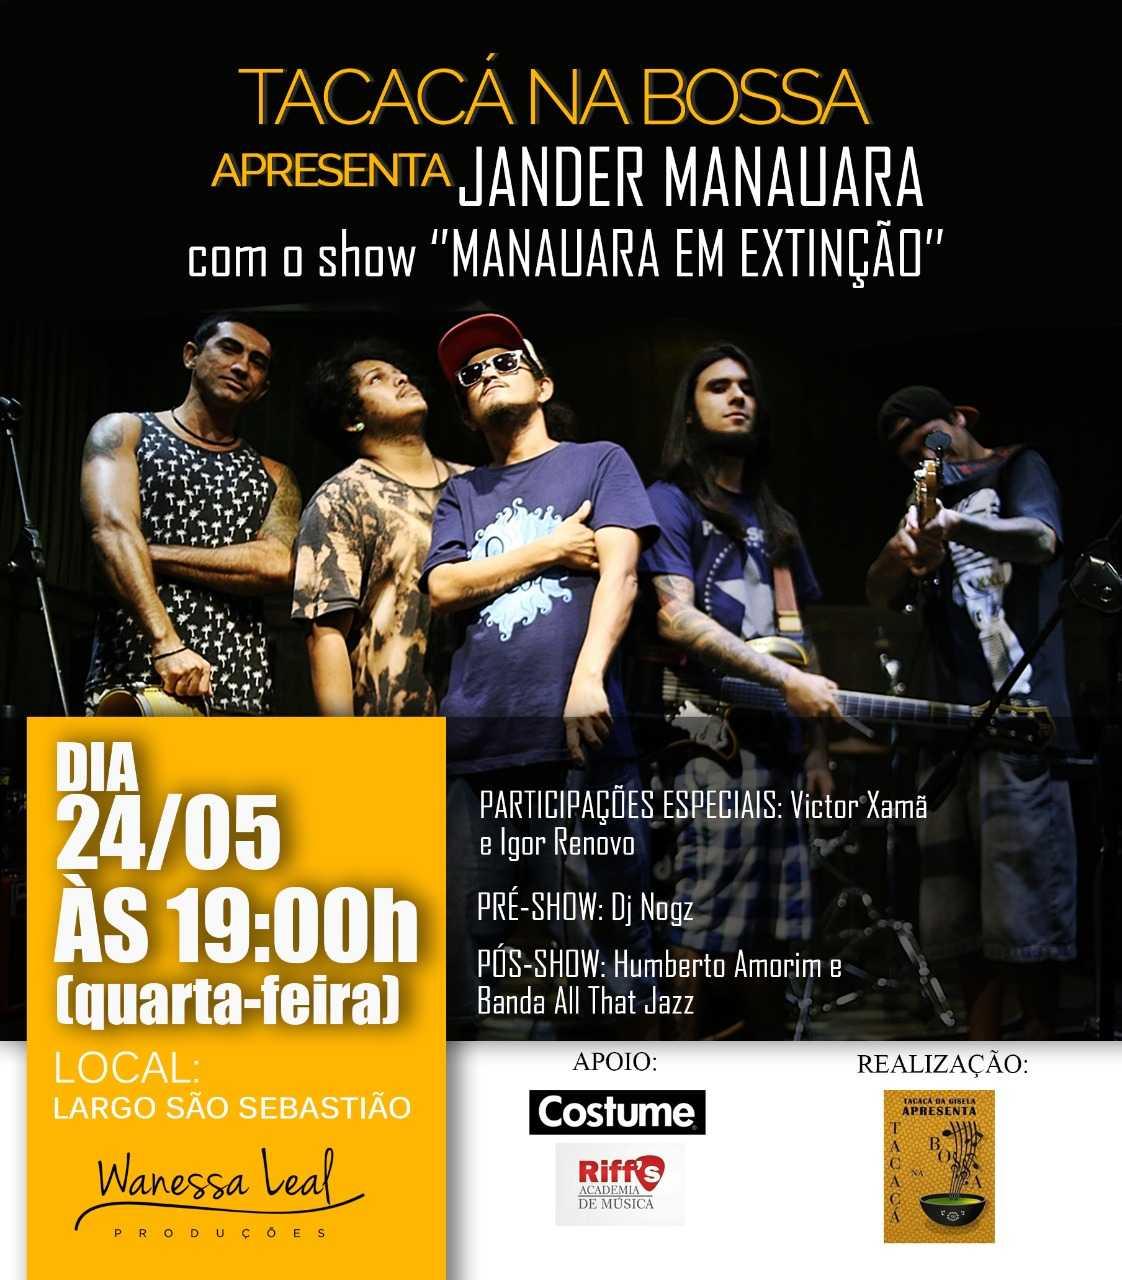 """Jander Manauara apresenta o show """"Manauara em Extinção"""" nesta quarta-feira no Tacacá na Bossa / Divulgação"""